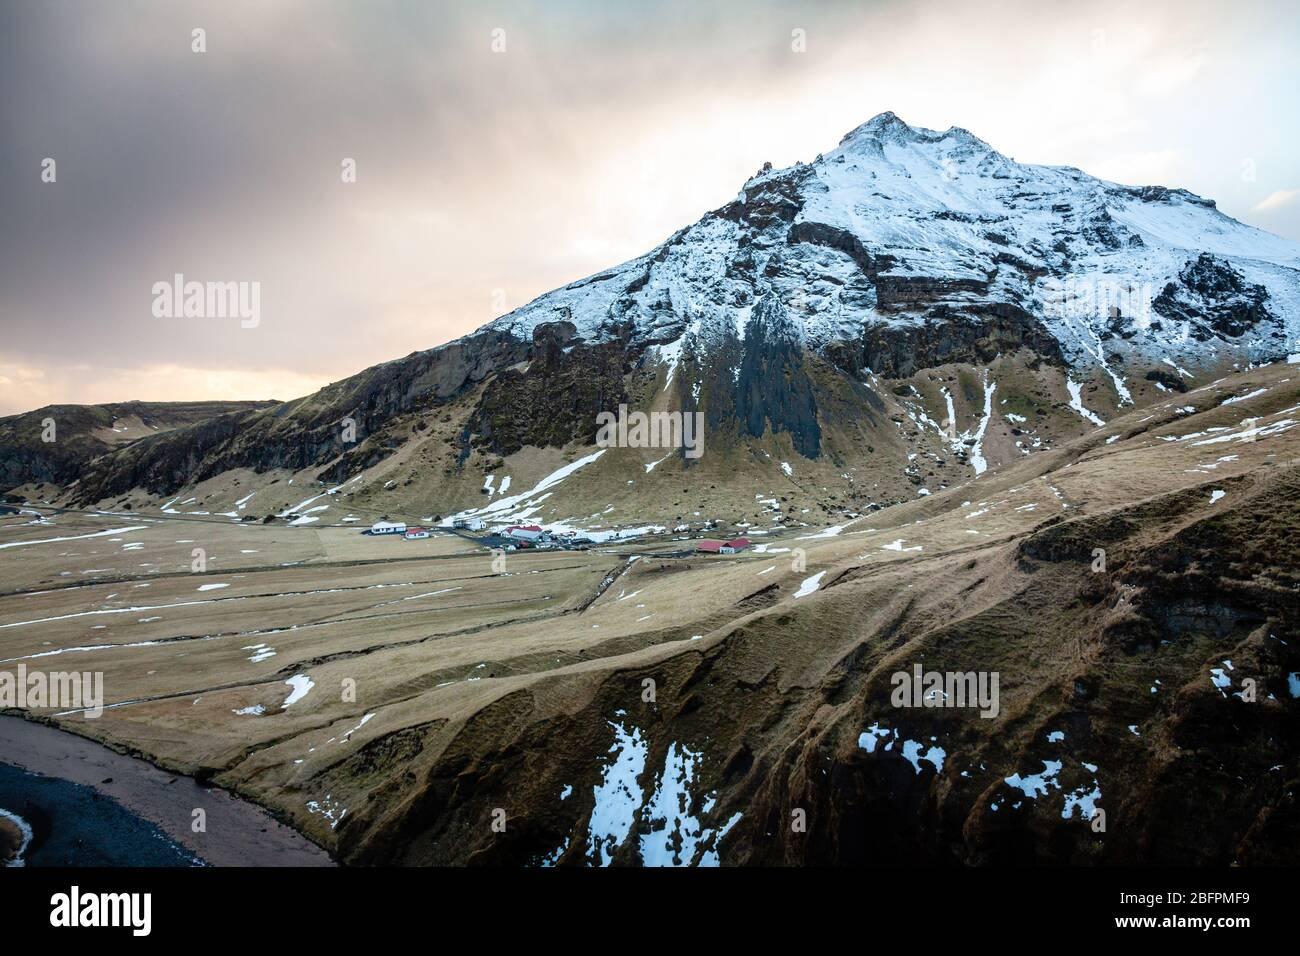 La vue depuis le sommet de la cascade de Skógafoss (Skogarfoss ou Skogafoss) en Islande en hiver avec une montagne enneigée derrière Banque D'Images